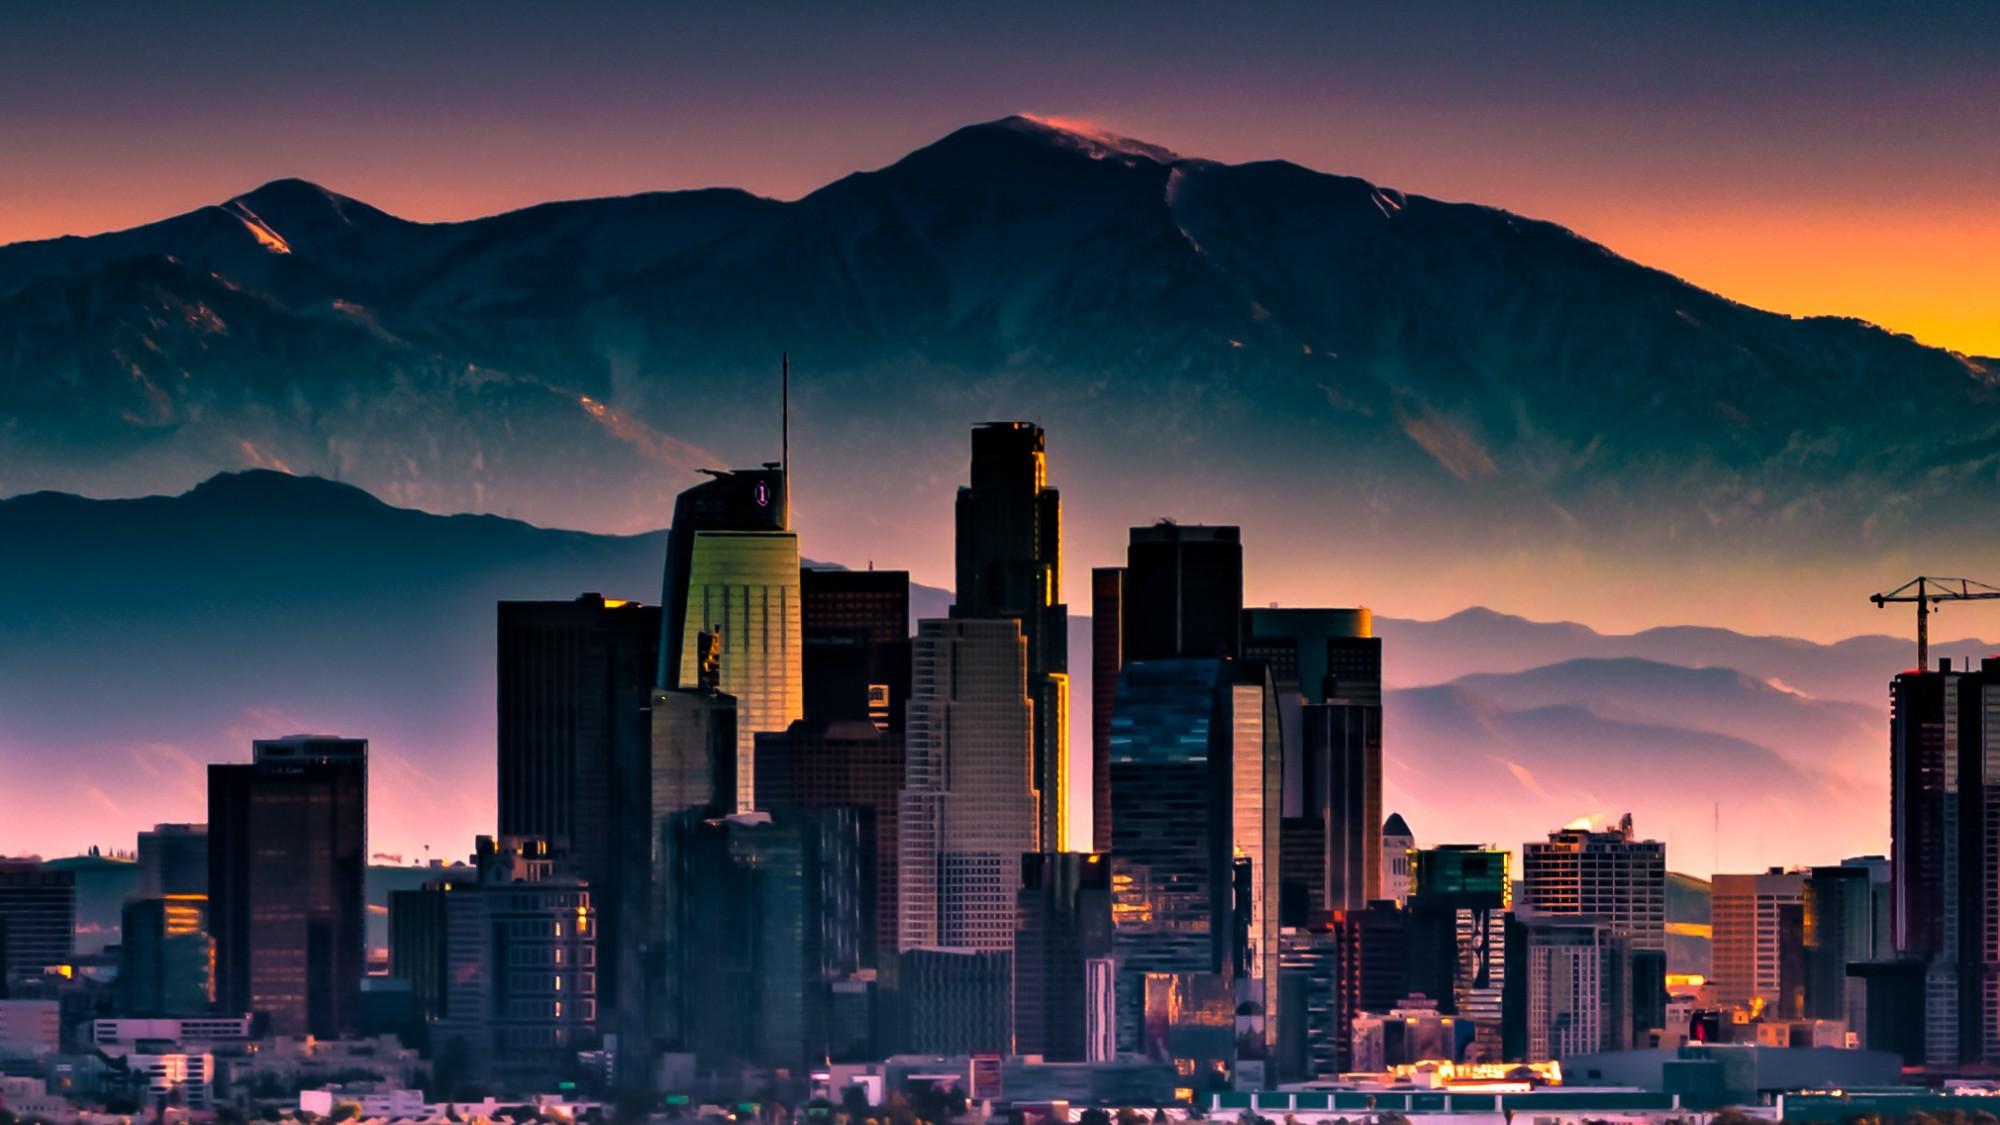 ロサンゼルスは「世界で最も不動産投資に適した都市」なのか? | 富裕 ...